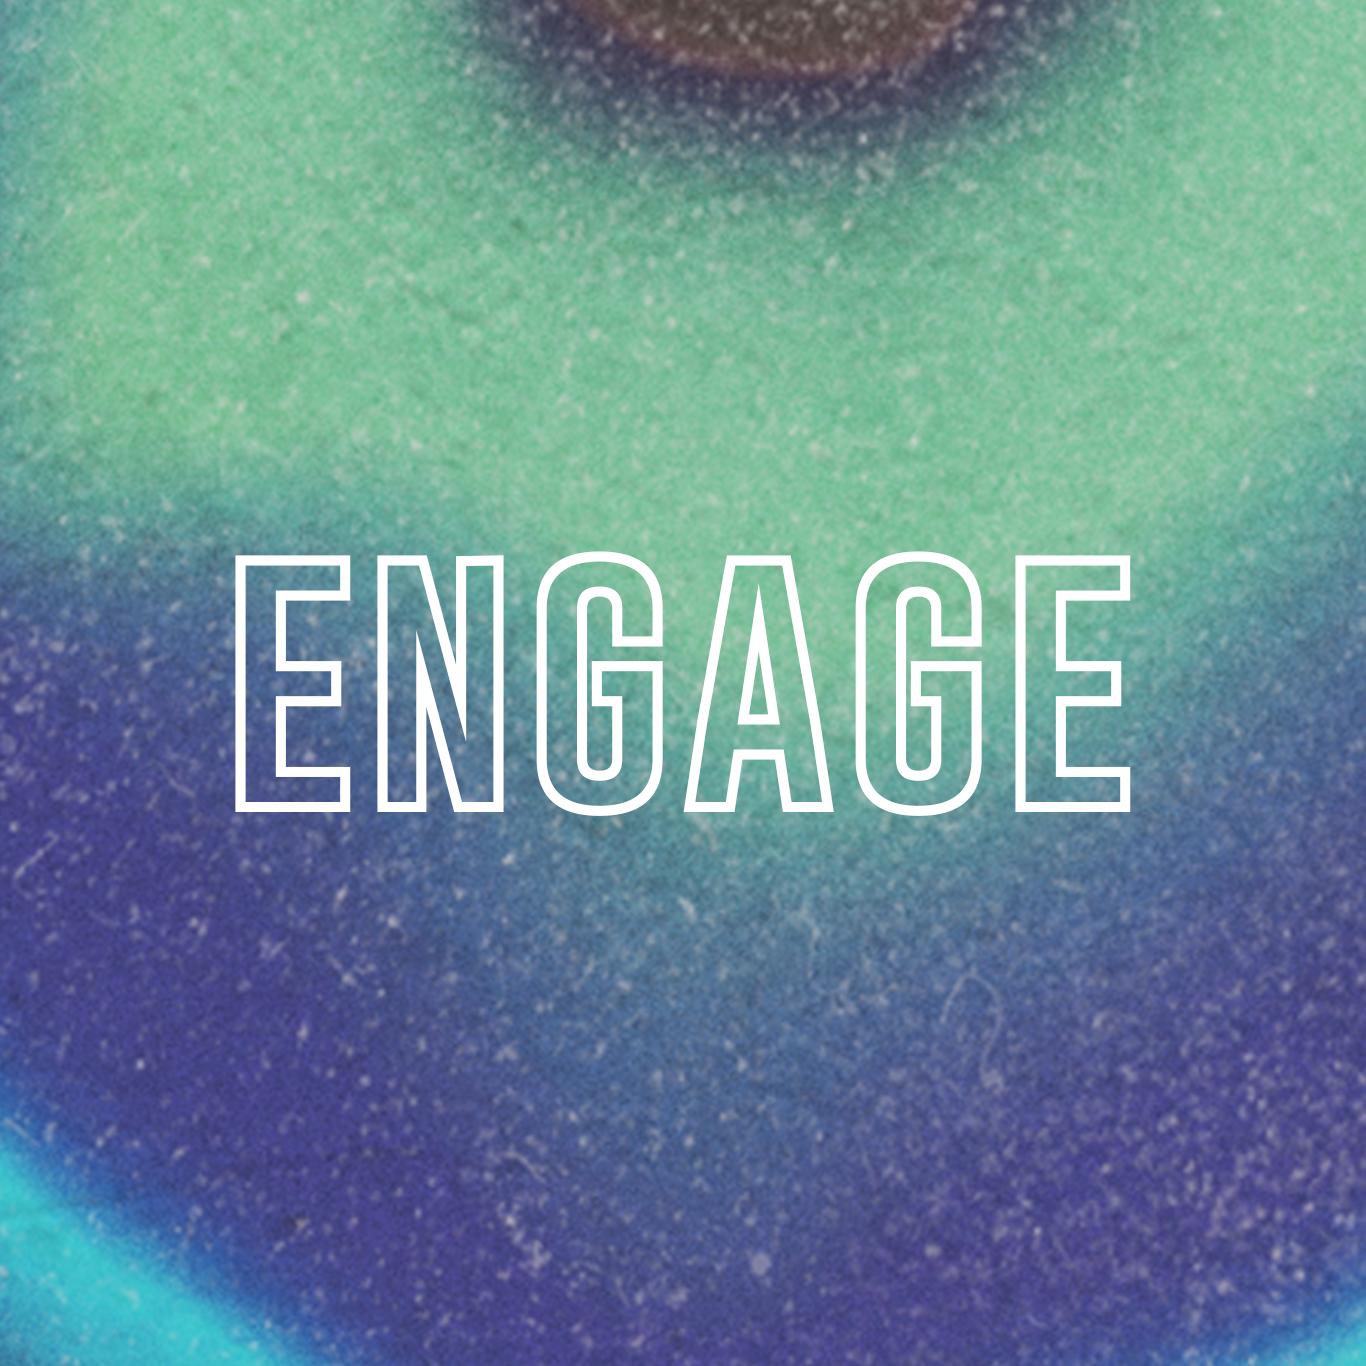 engage beyond